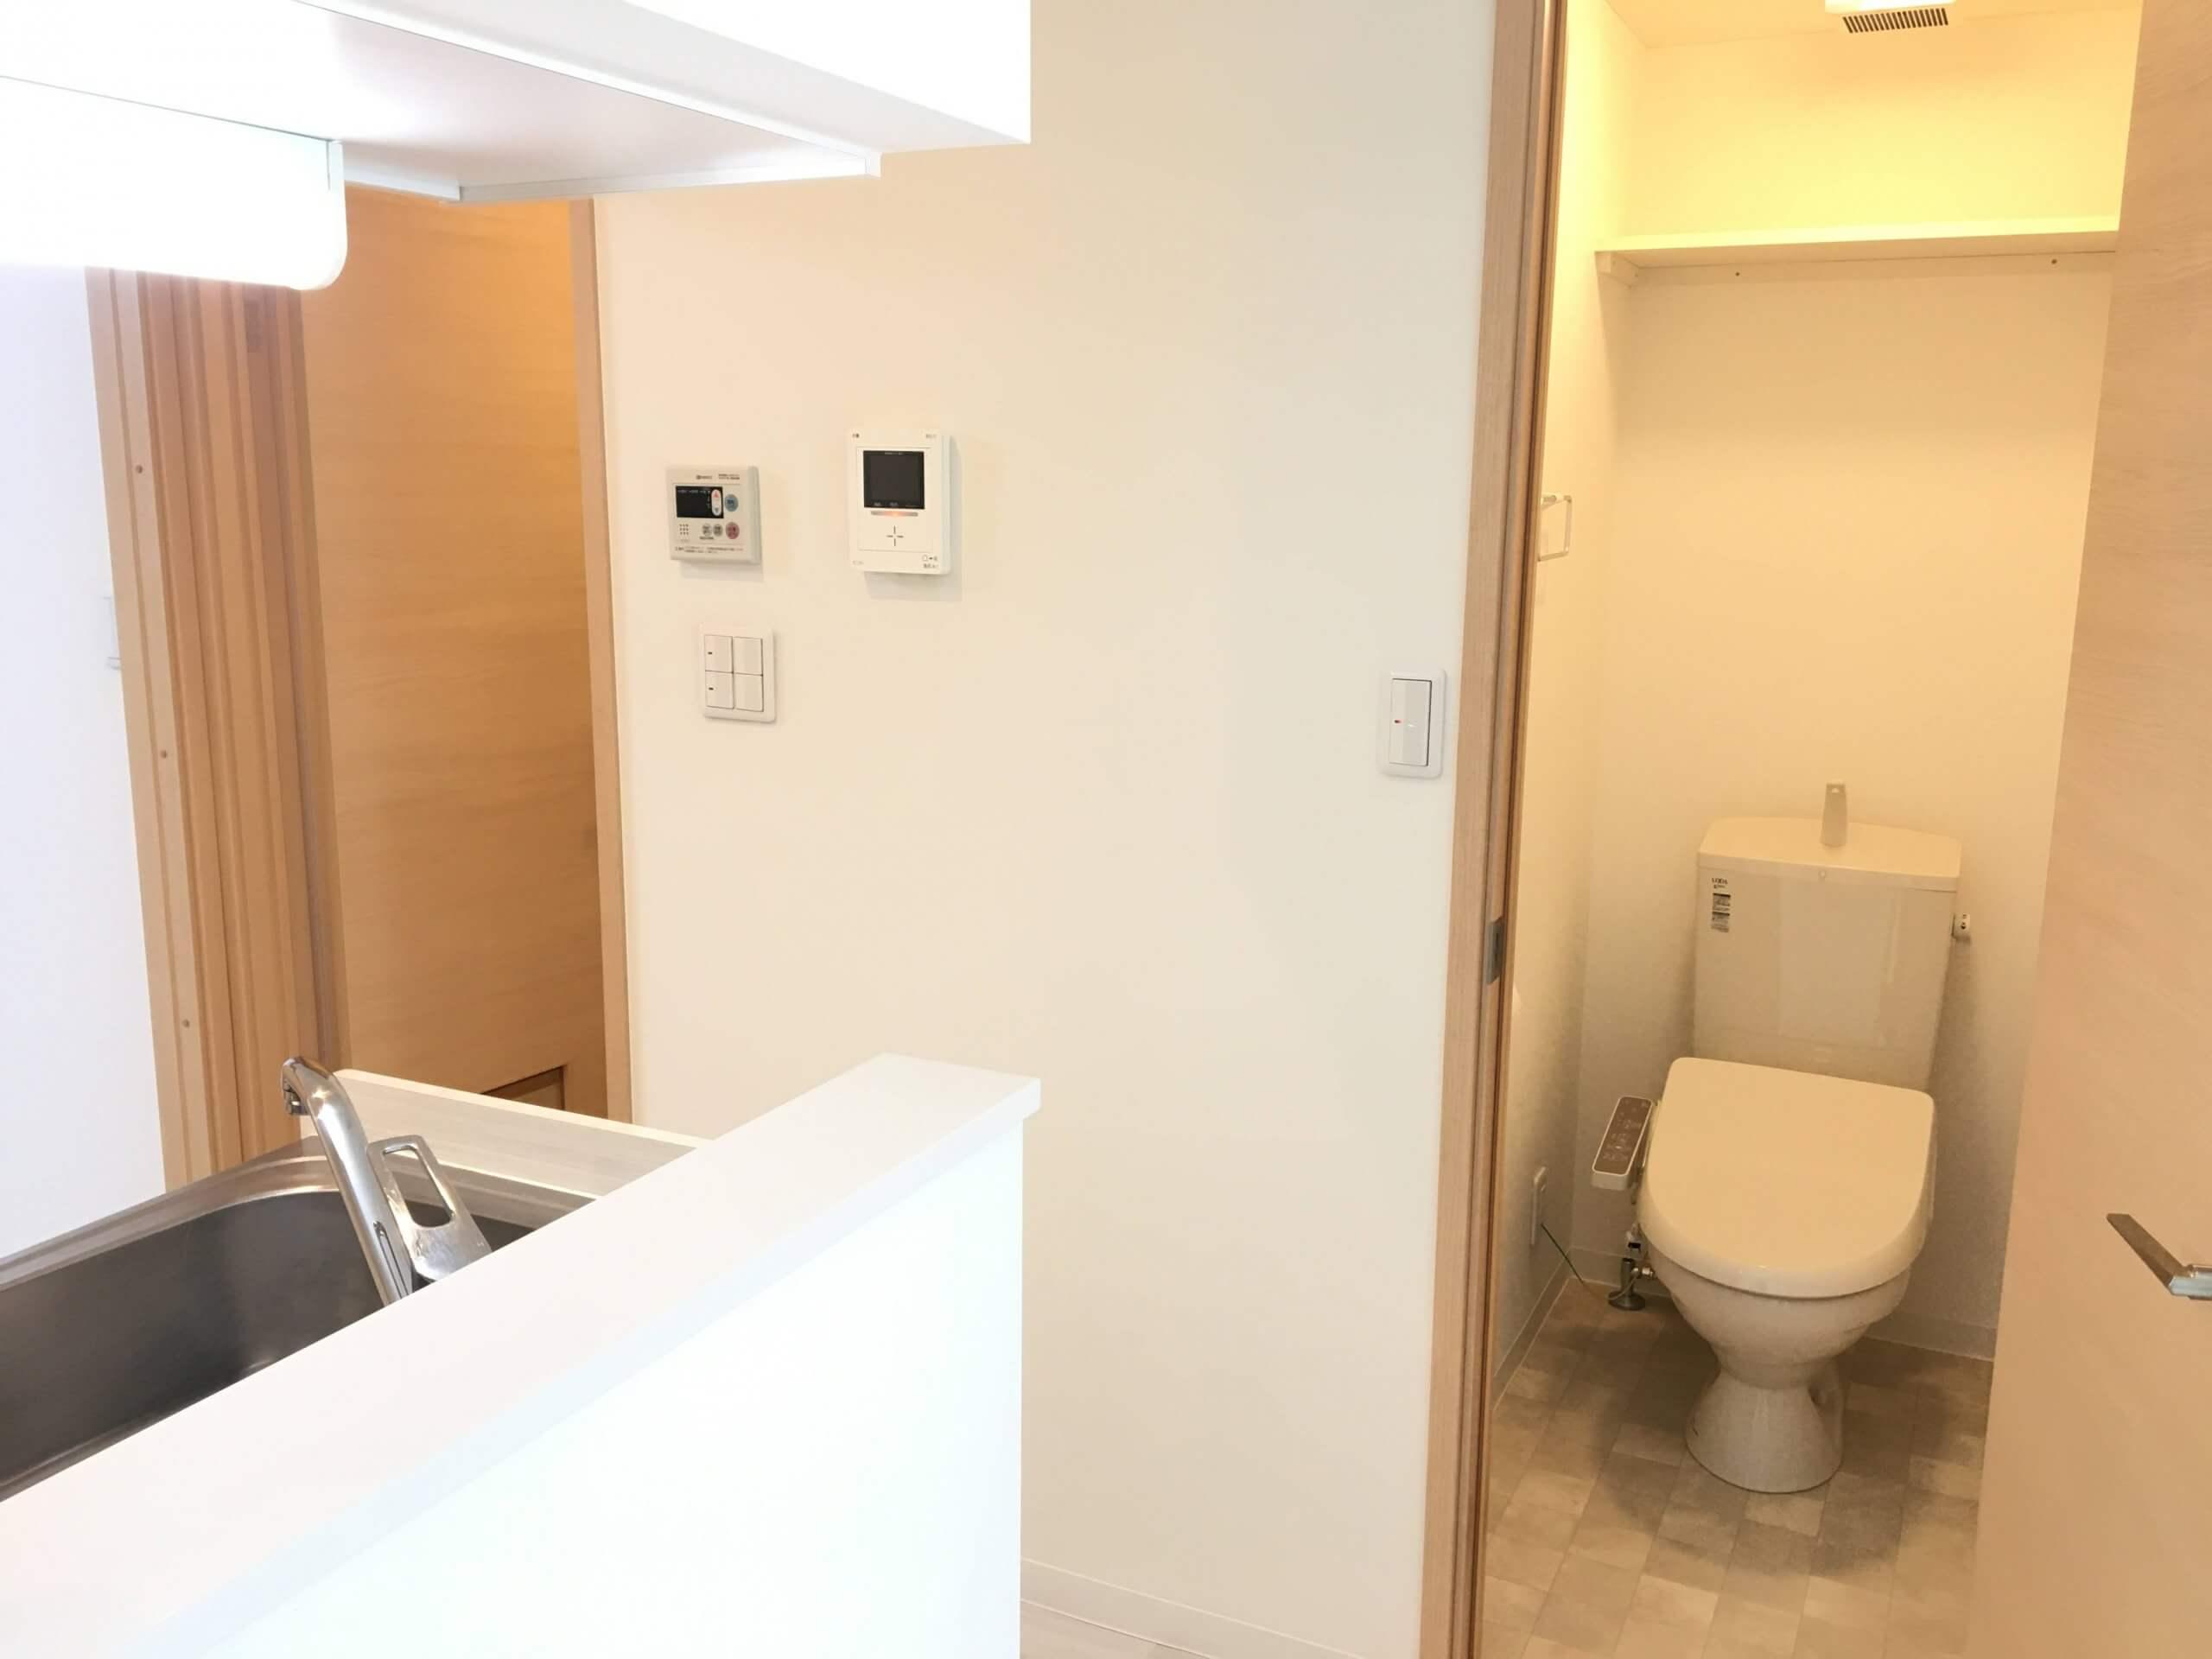 トイレも清潔感があって綺麗ですにゃ。